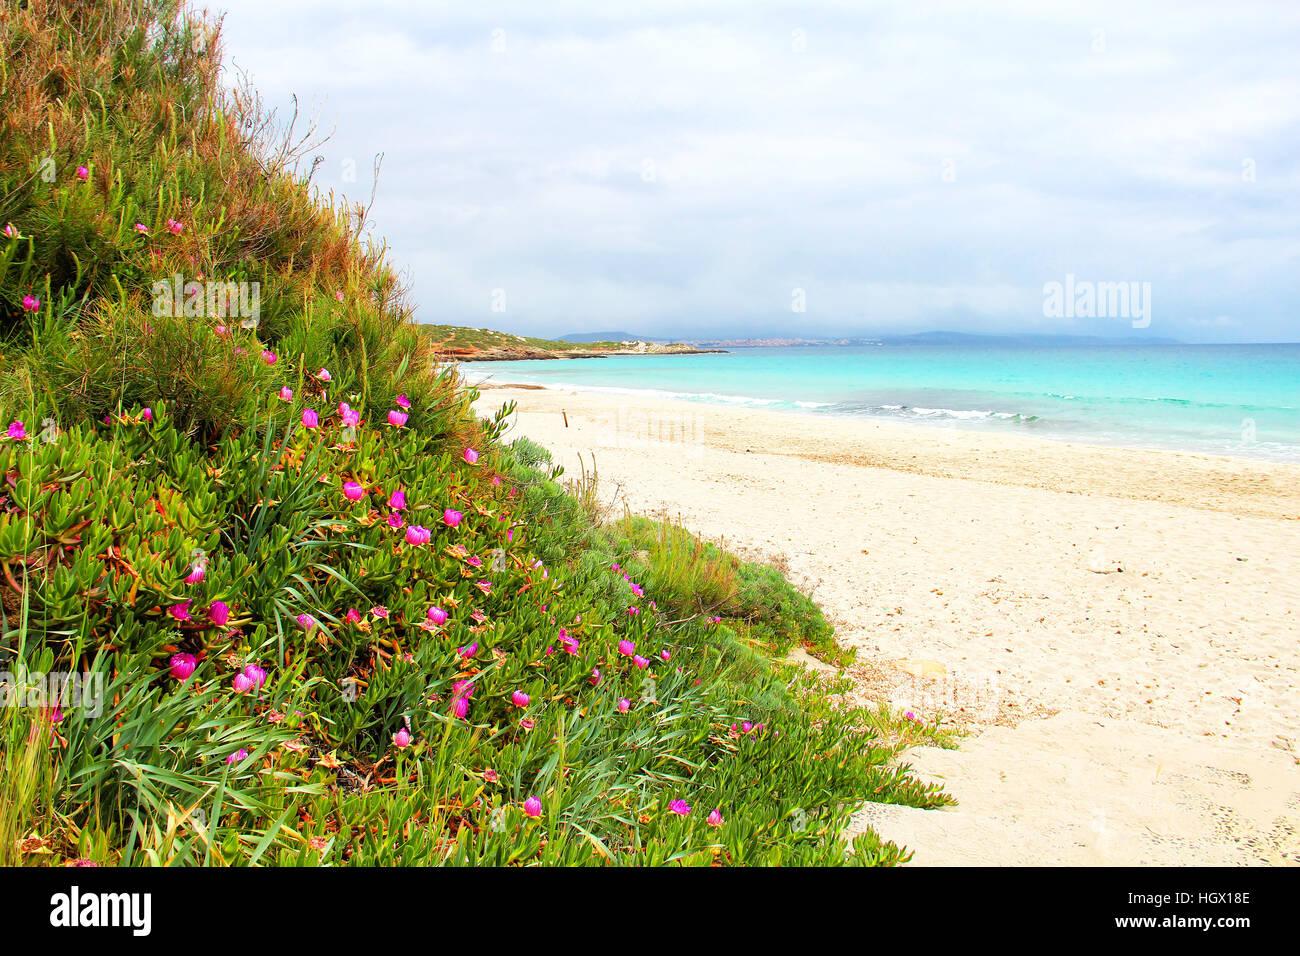 Le Bombarde beach near Alghero, Sardinia, Italy - Stock Image